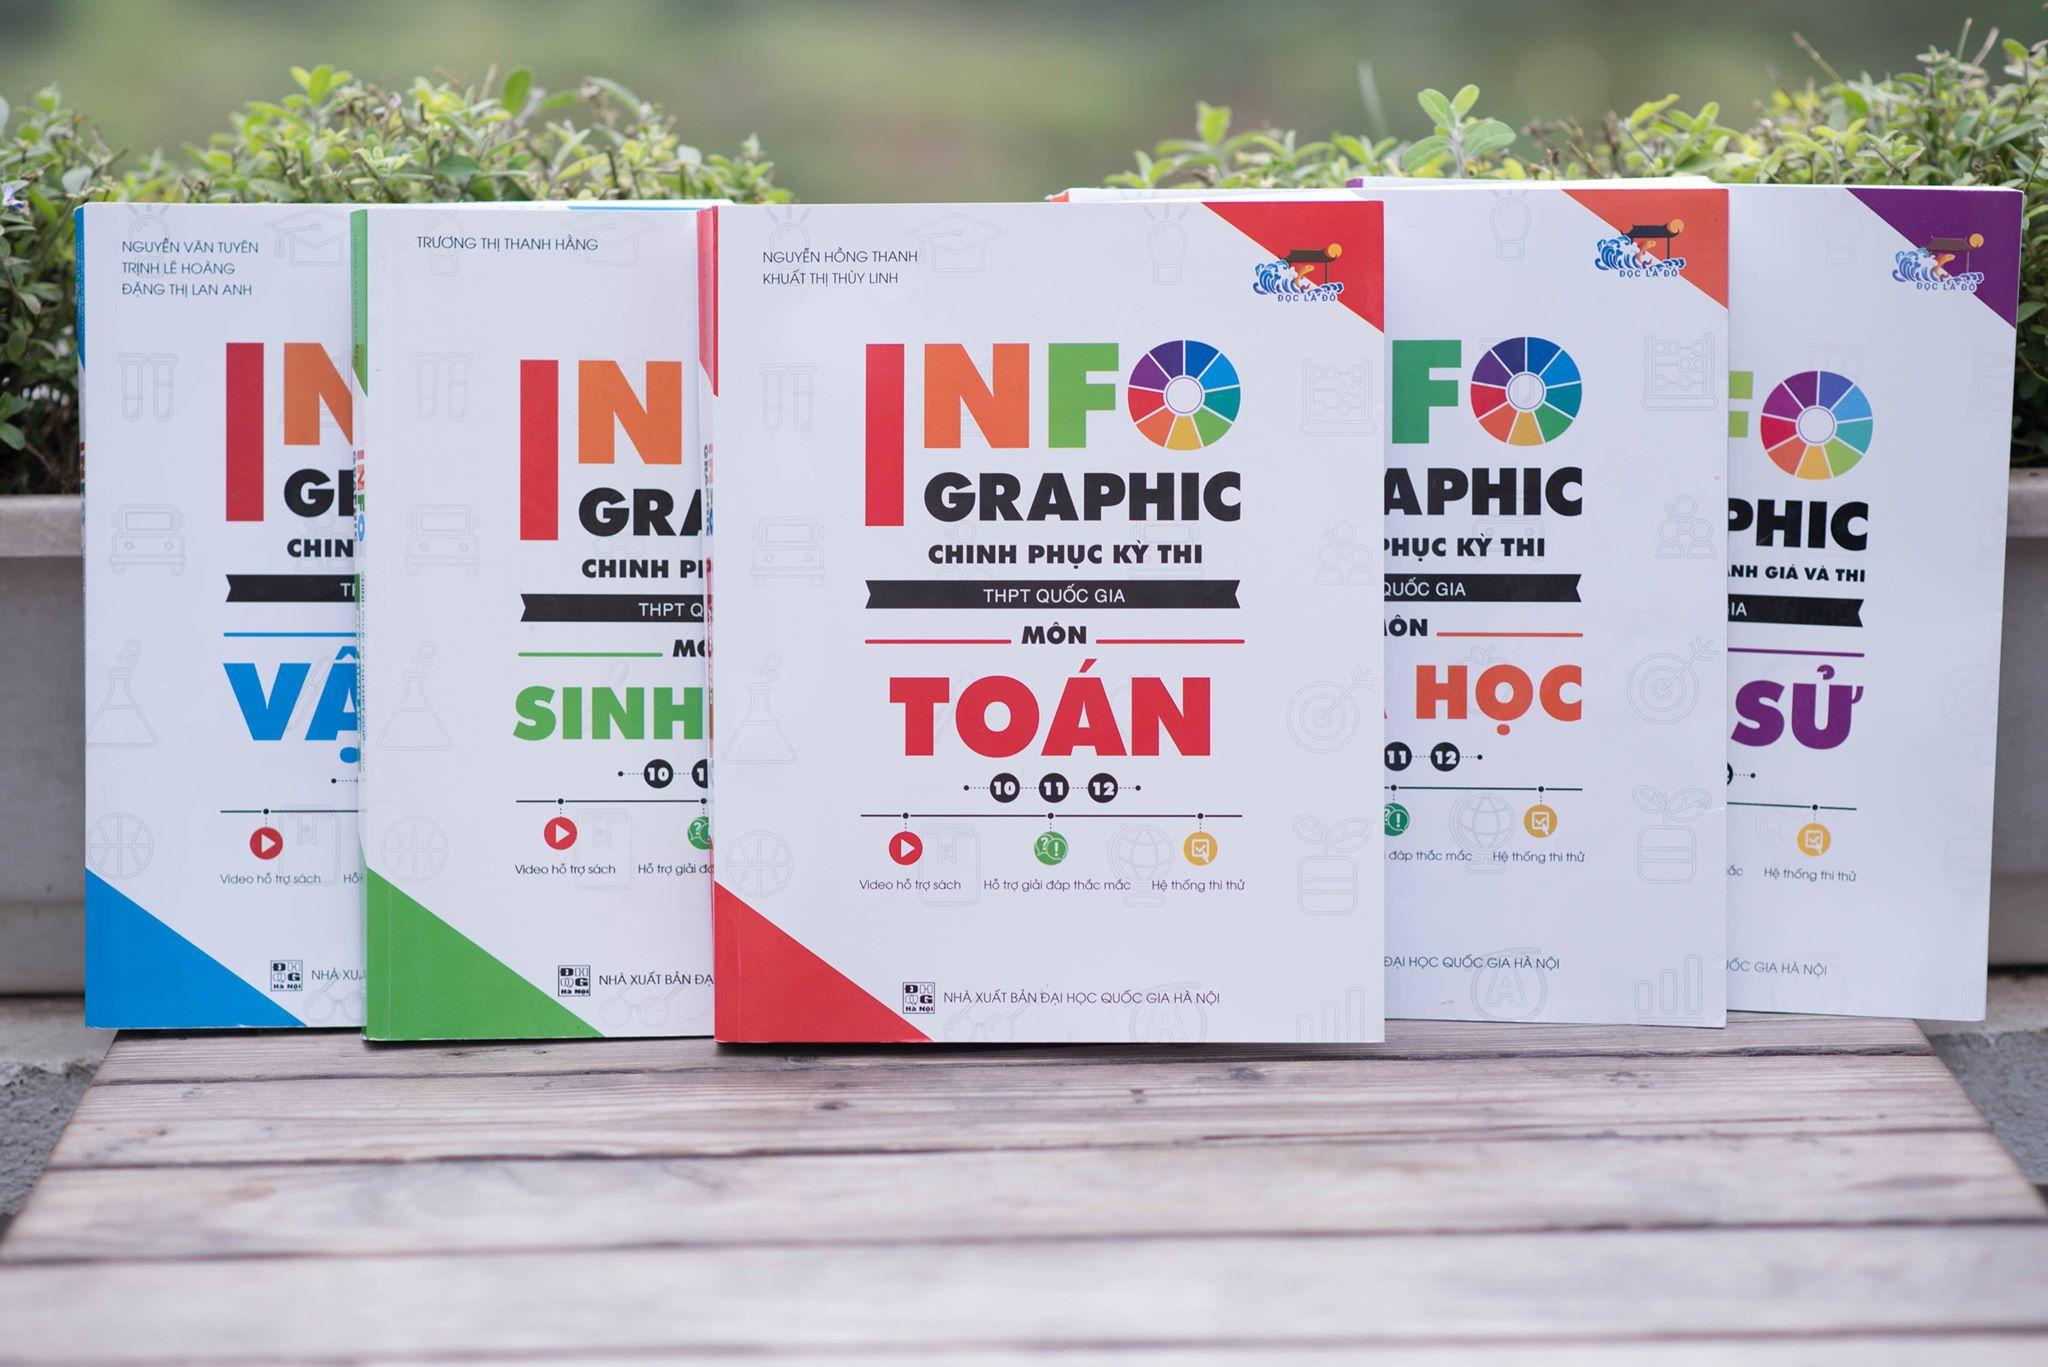 Bộ sách có 5 môn với đầy đủ các chuyên đề phù hợp với định hướng thi THPT QG 2019